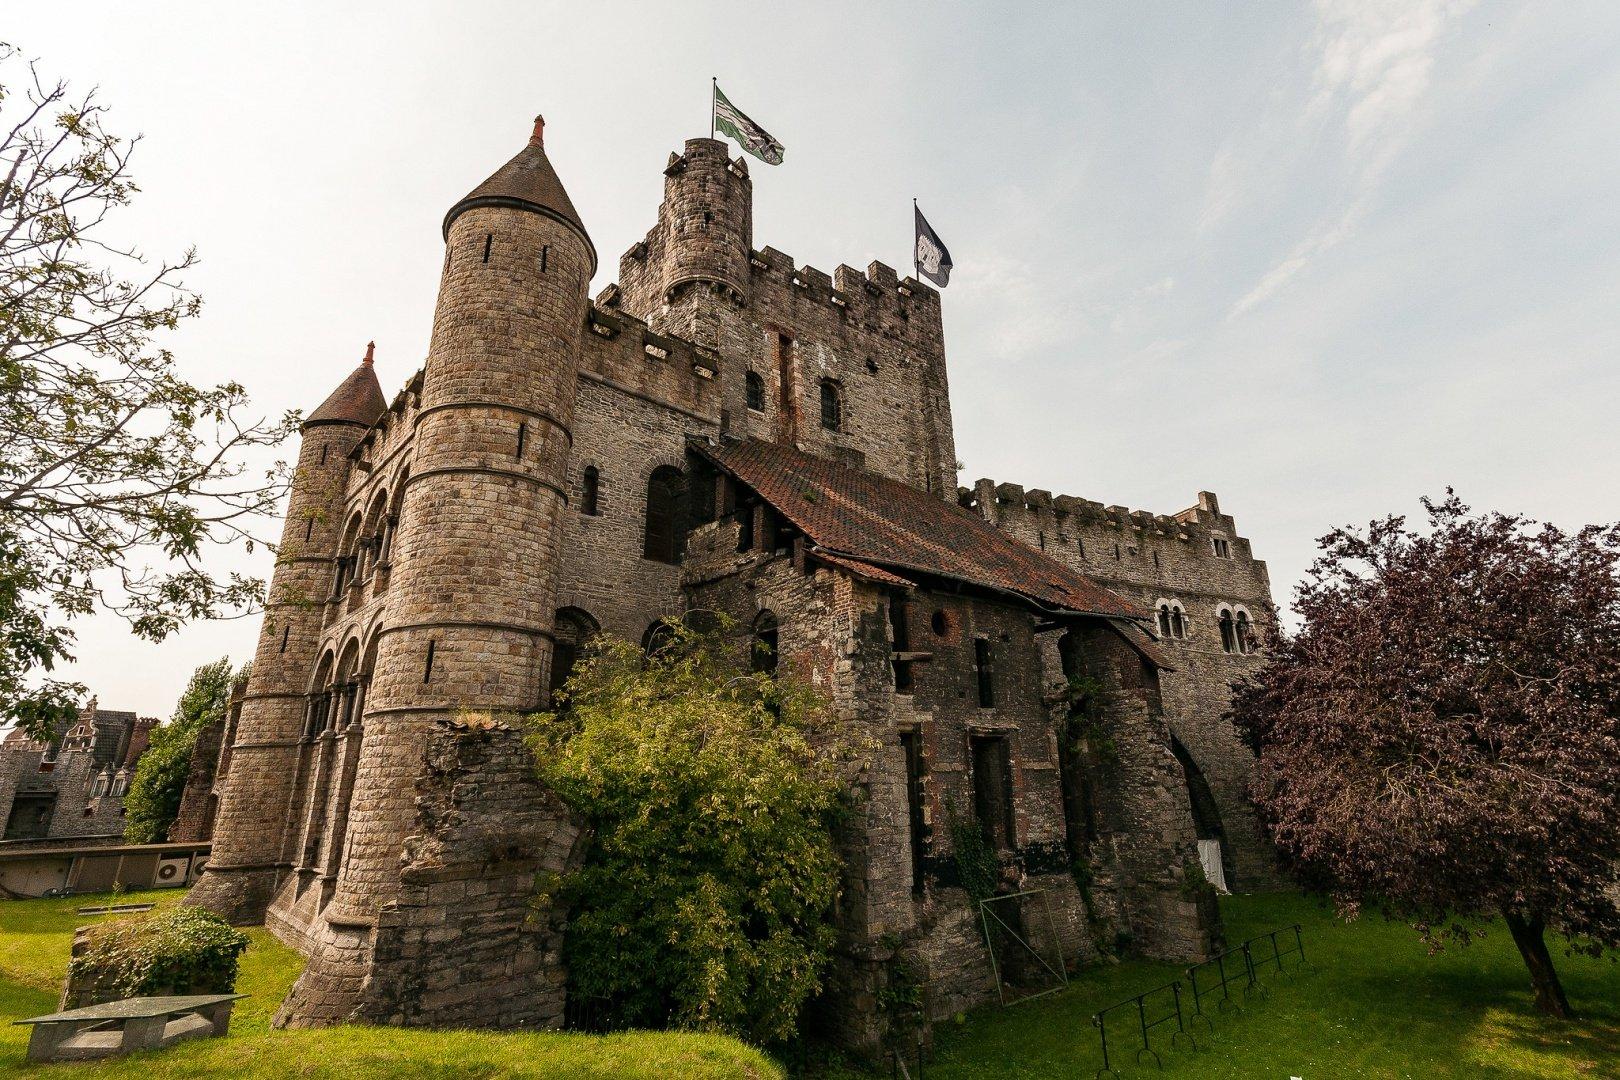 belgie kasteel gravensteen flickr - De 12 mooiste kastelen in België om te bezoeken tijdens een dagje uit